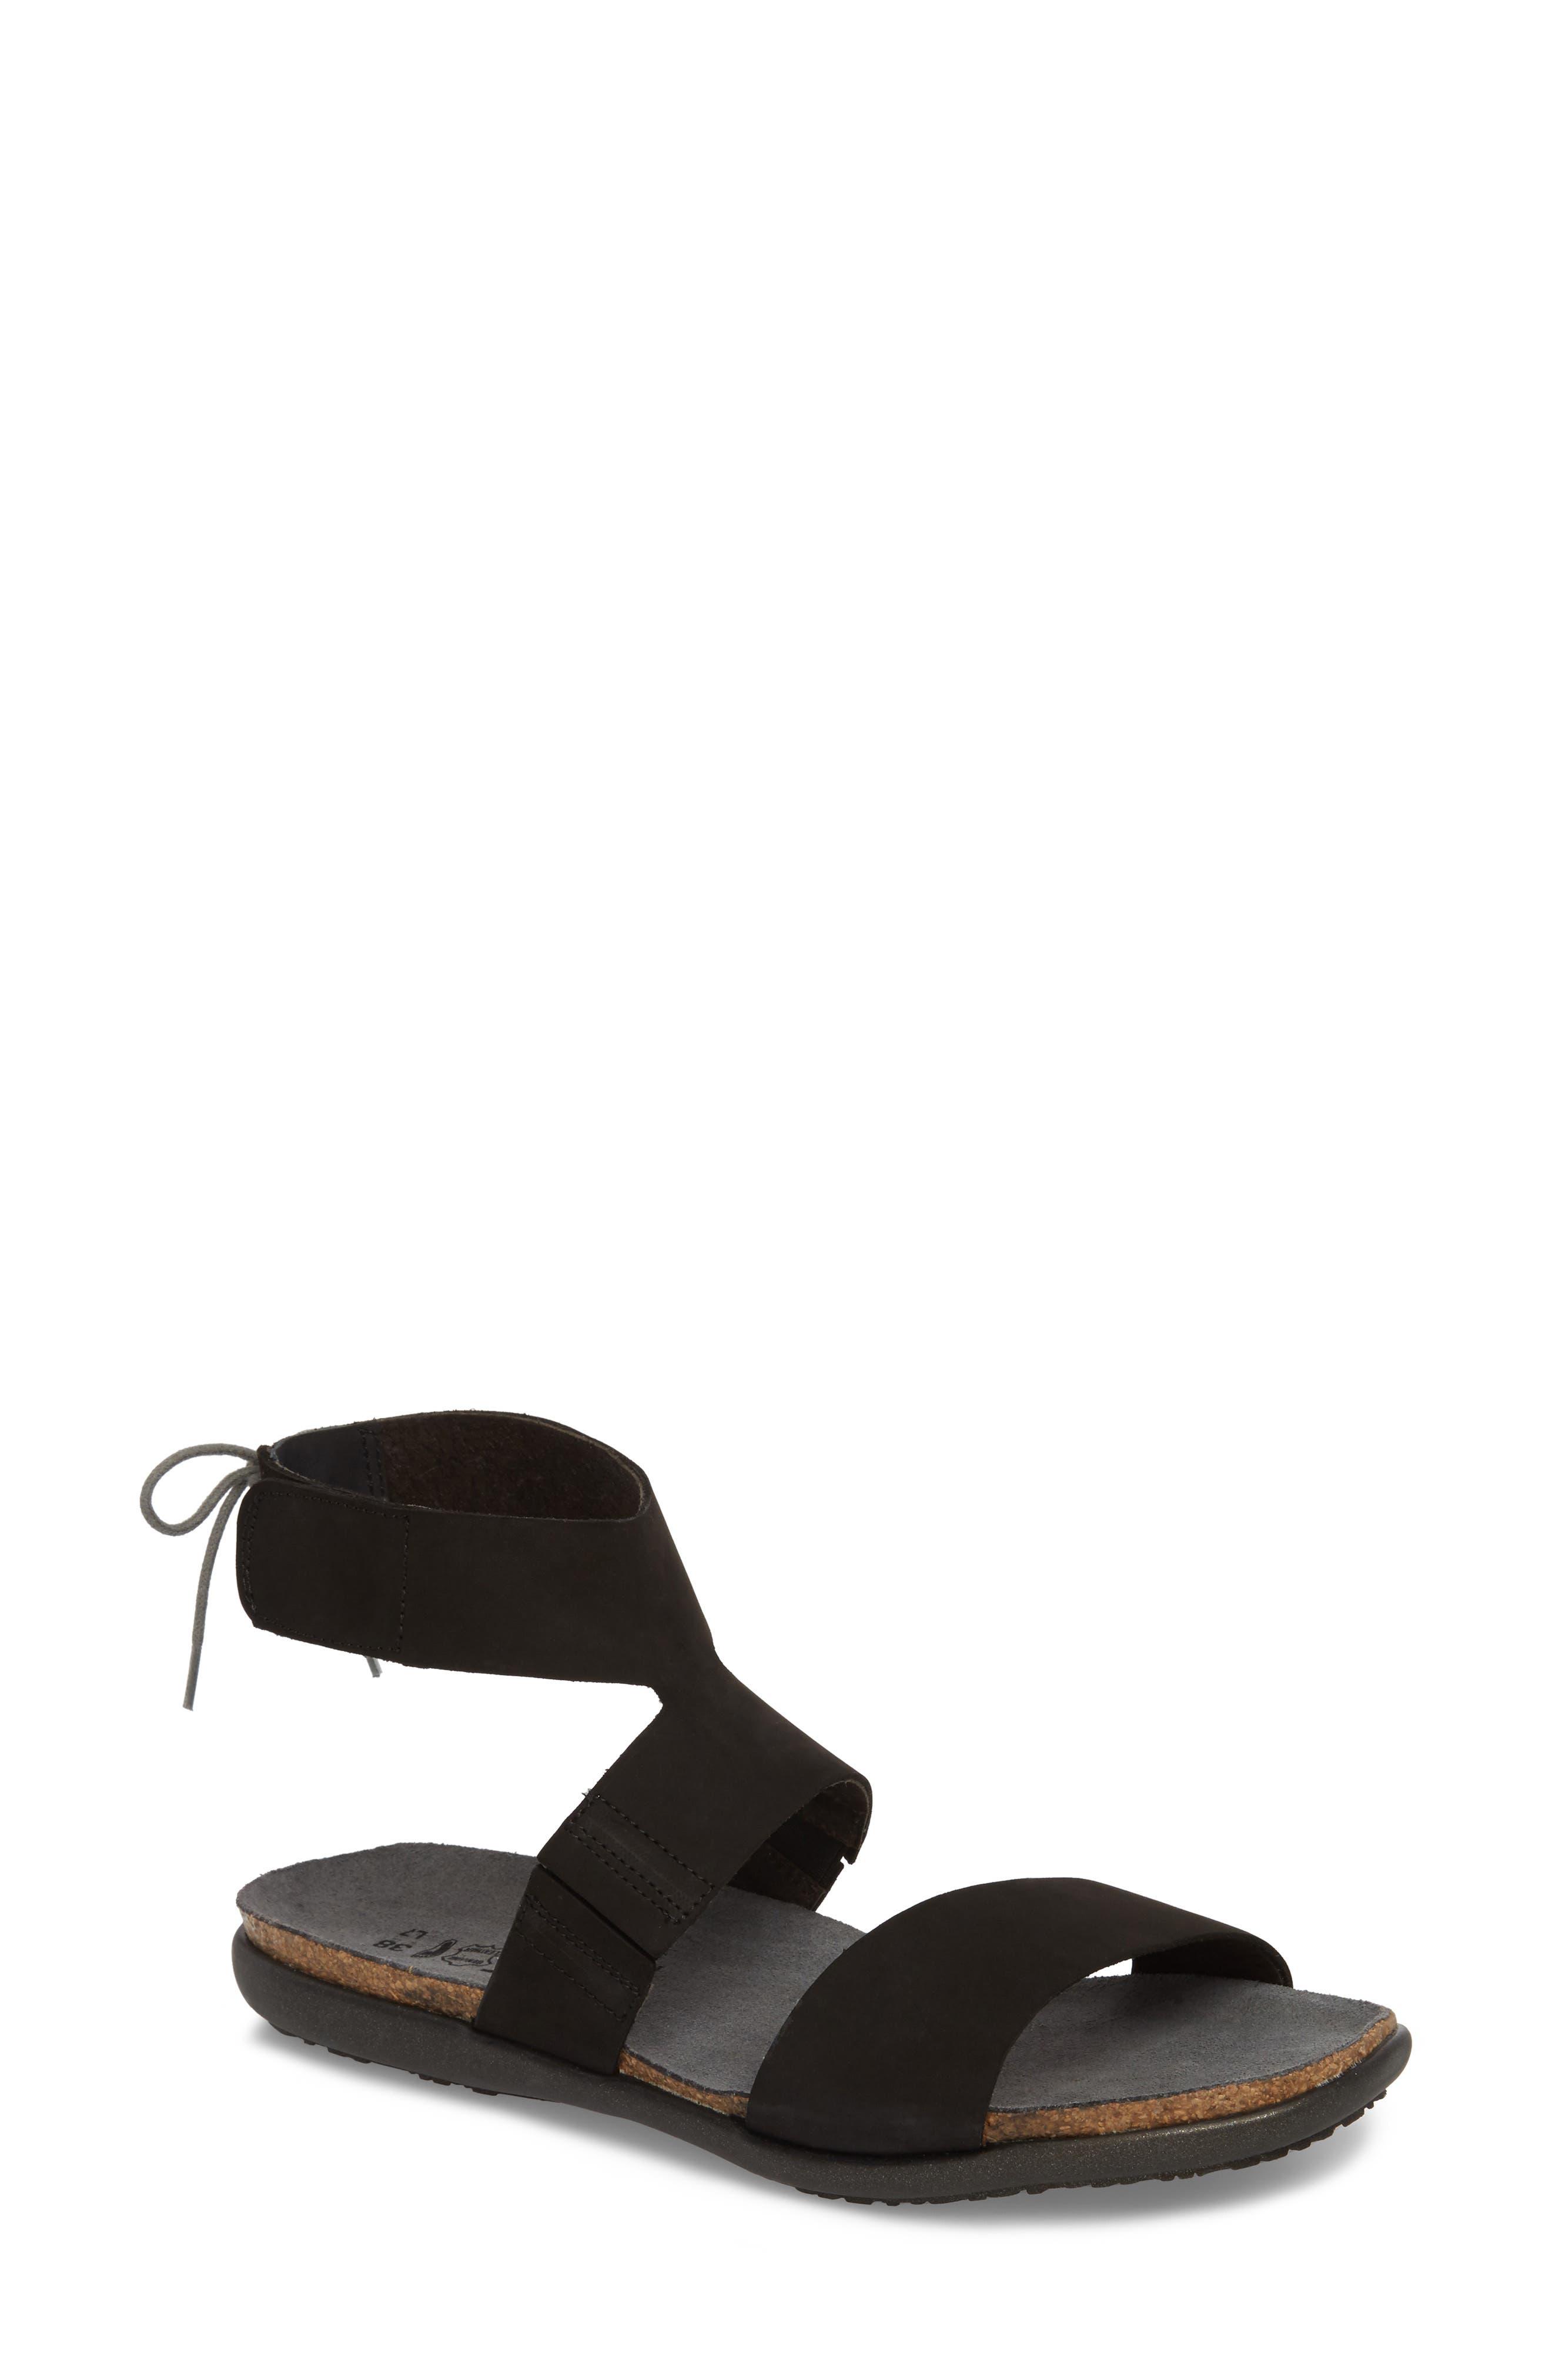 Larissa Ankle Strap Sandal,                         Main,                         color, Black Velvet Nubuck